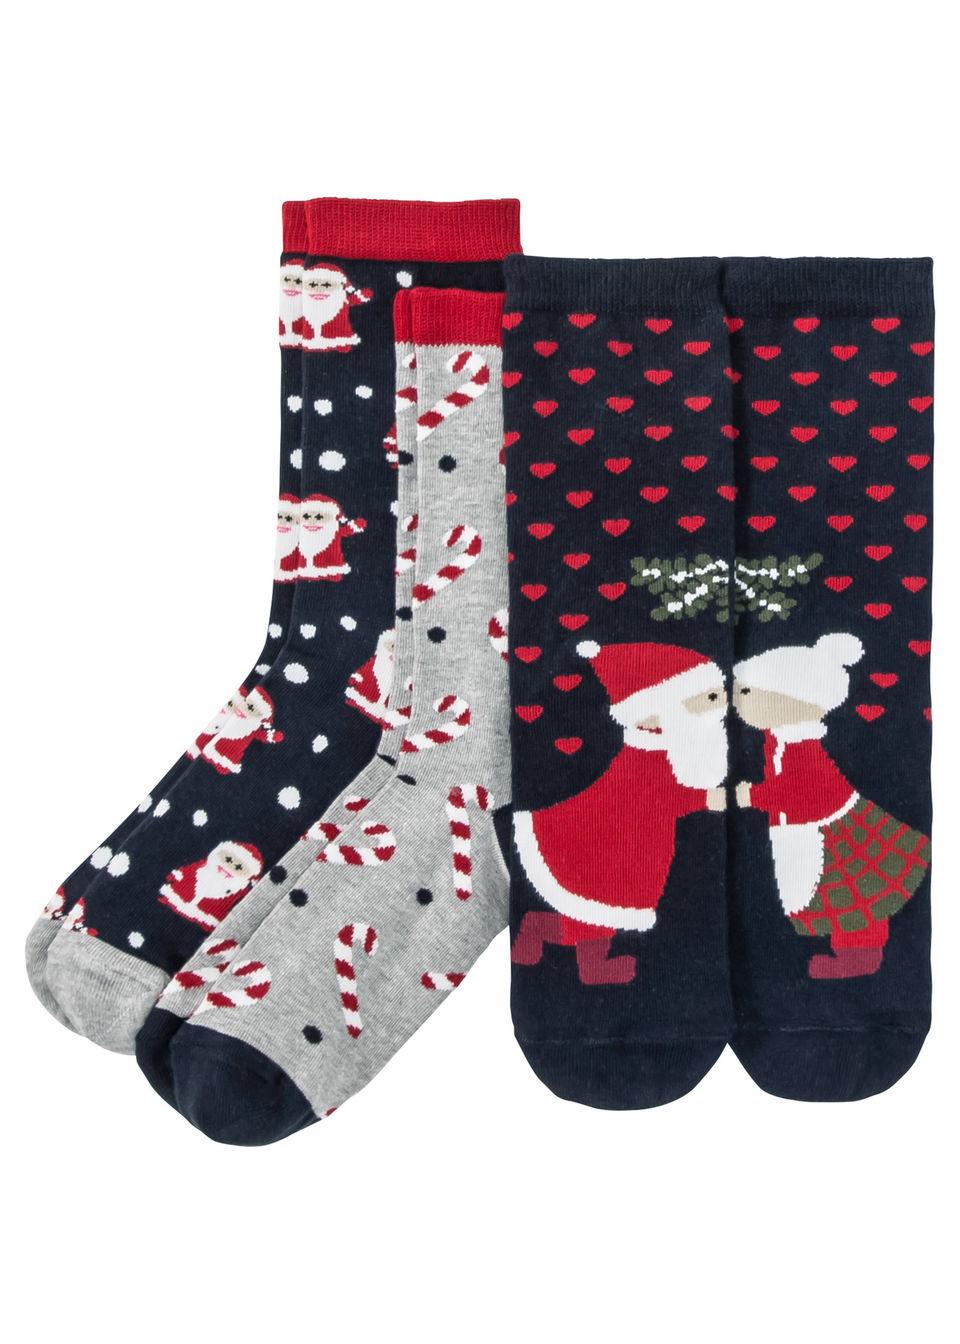 Носки в новогоднем дизайне (3 пары)